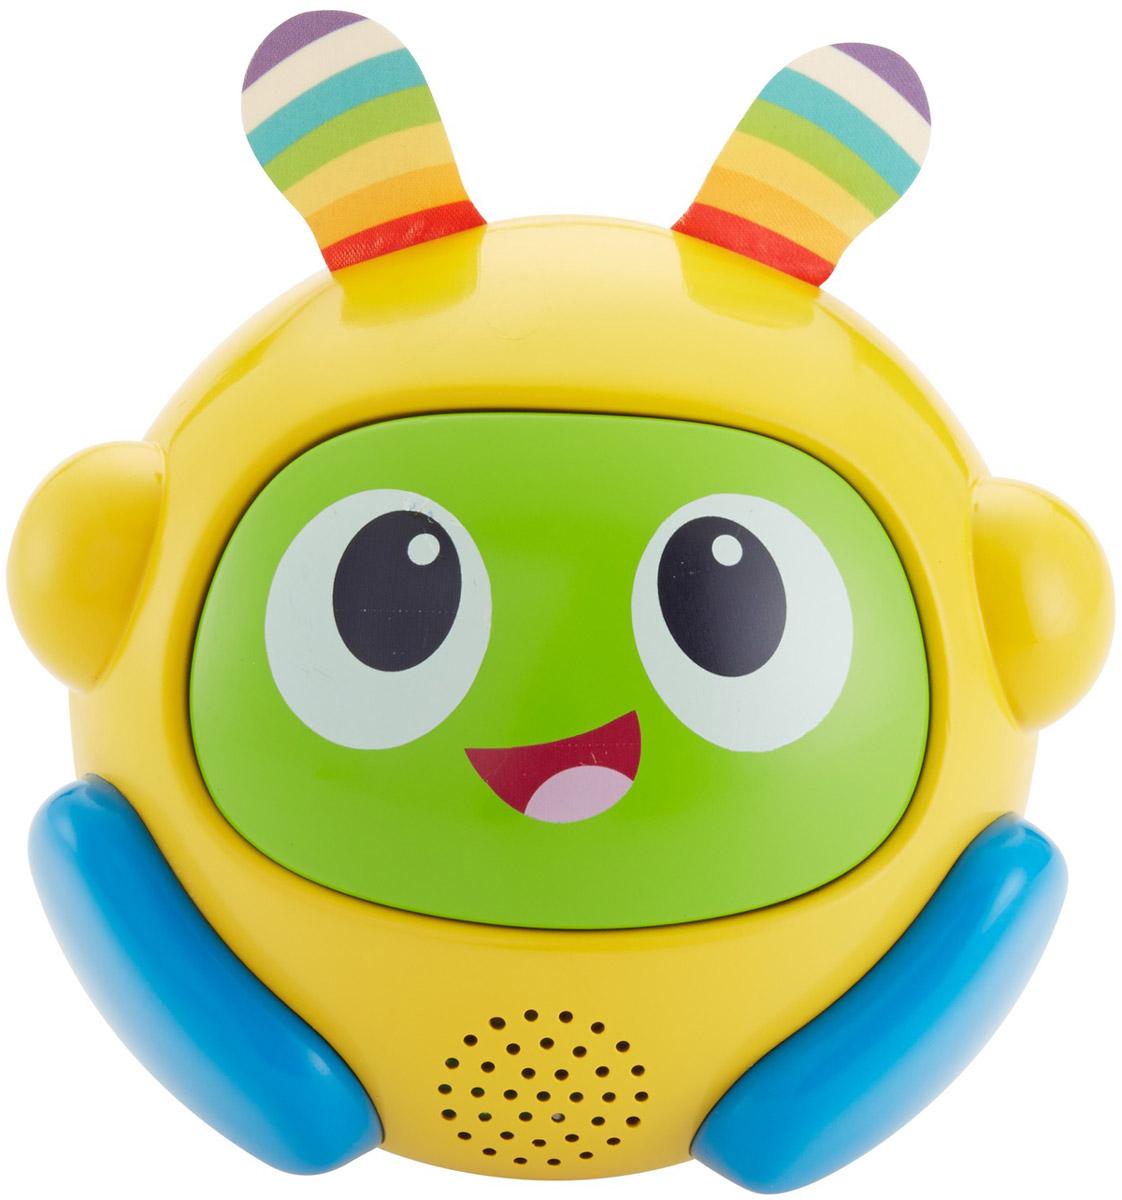 Fisher-Price Интерактивная игрушка Бибо Веселые ритмы цвет желтый зеленый голубой